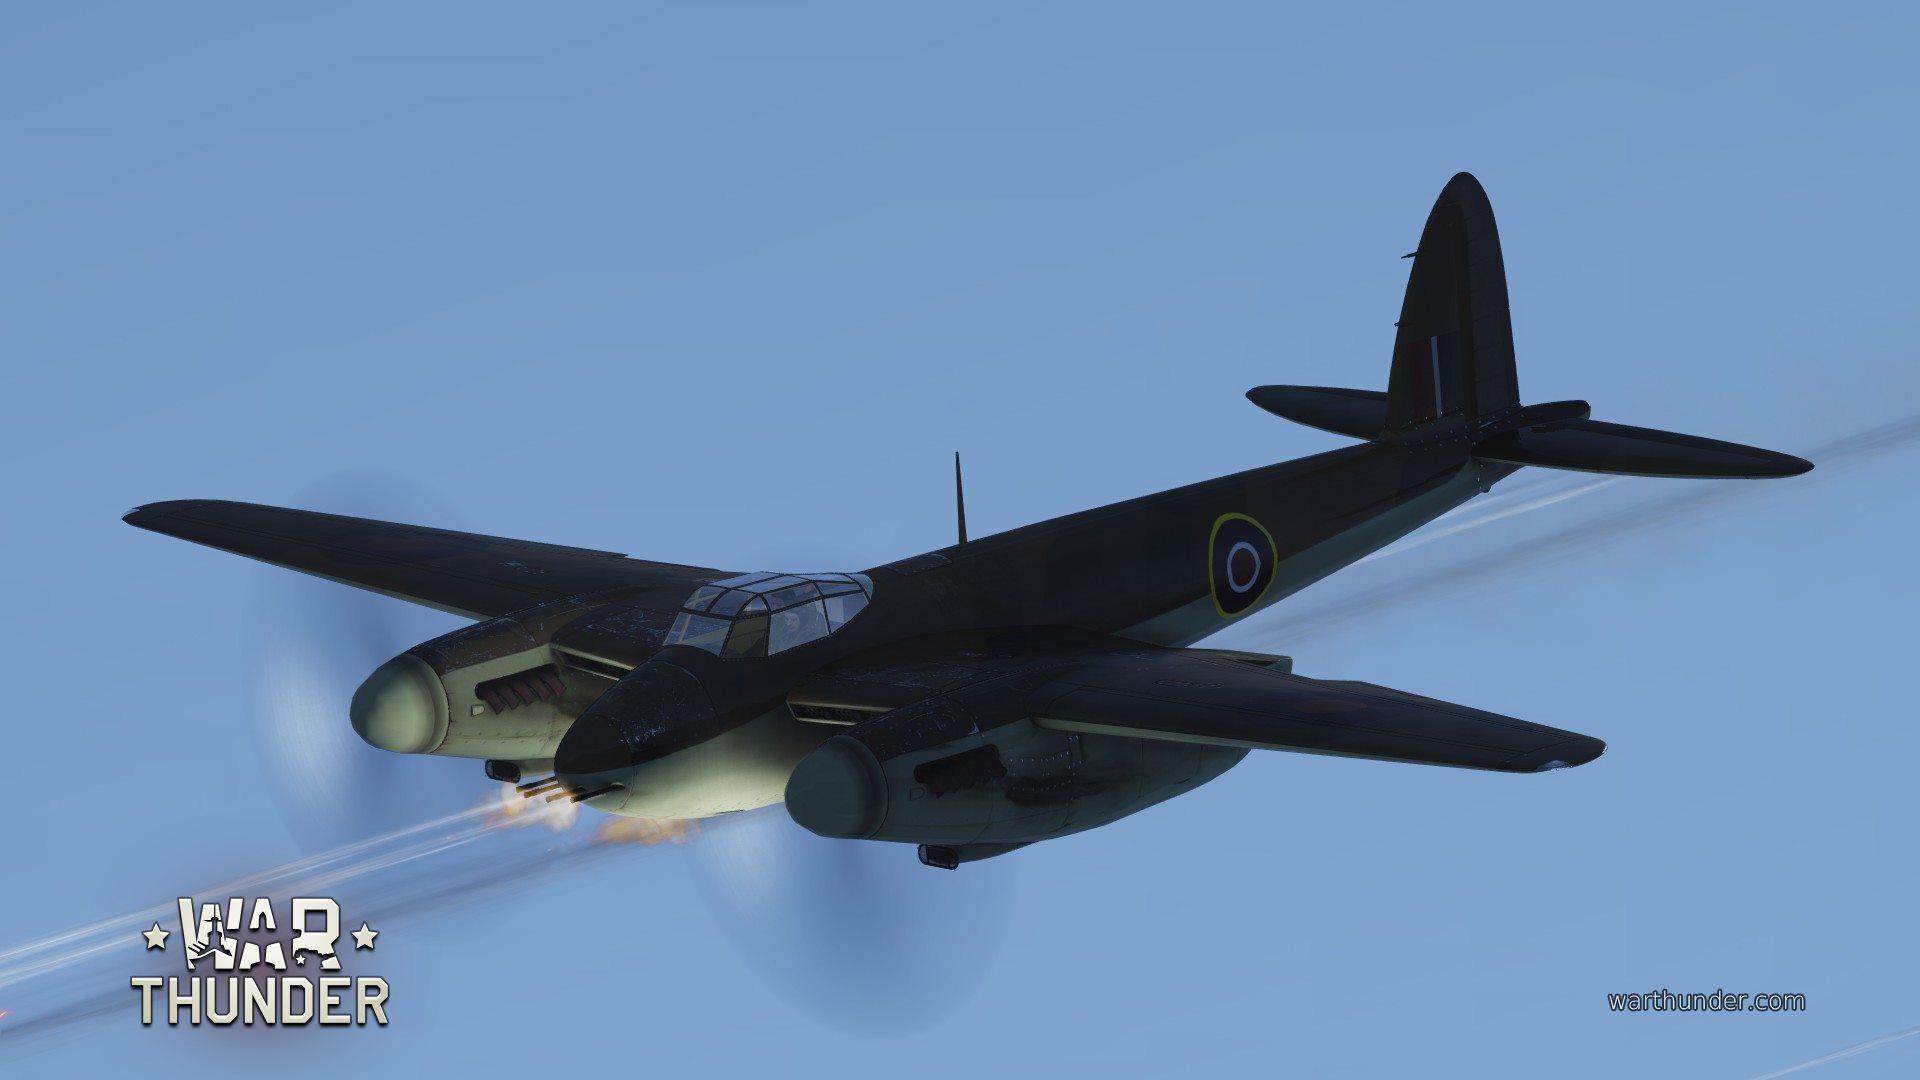 Обои De havilland mosquito, британский многоцелевой бомбардировщик. Авиация foto 17